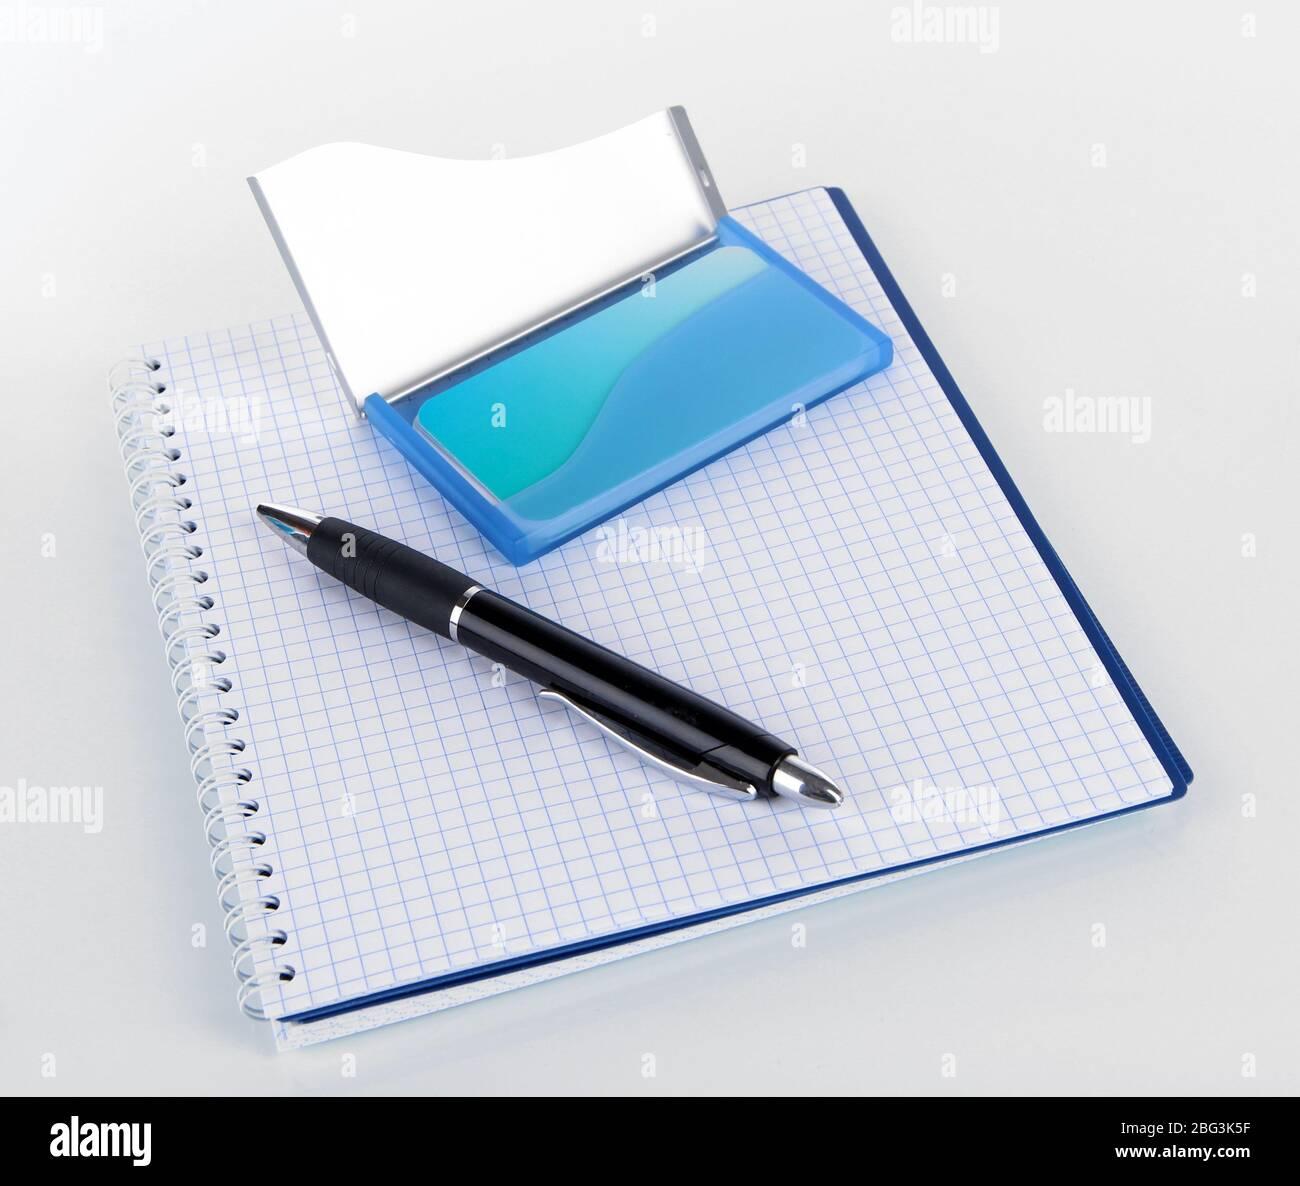 Soporte azul para tarjetas de visita, portátil y bolígrafo aislados en blanco Foto de stock